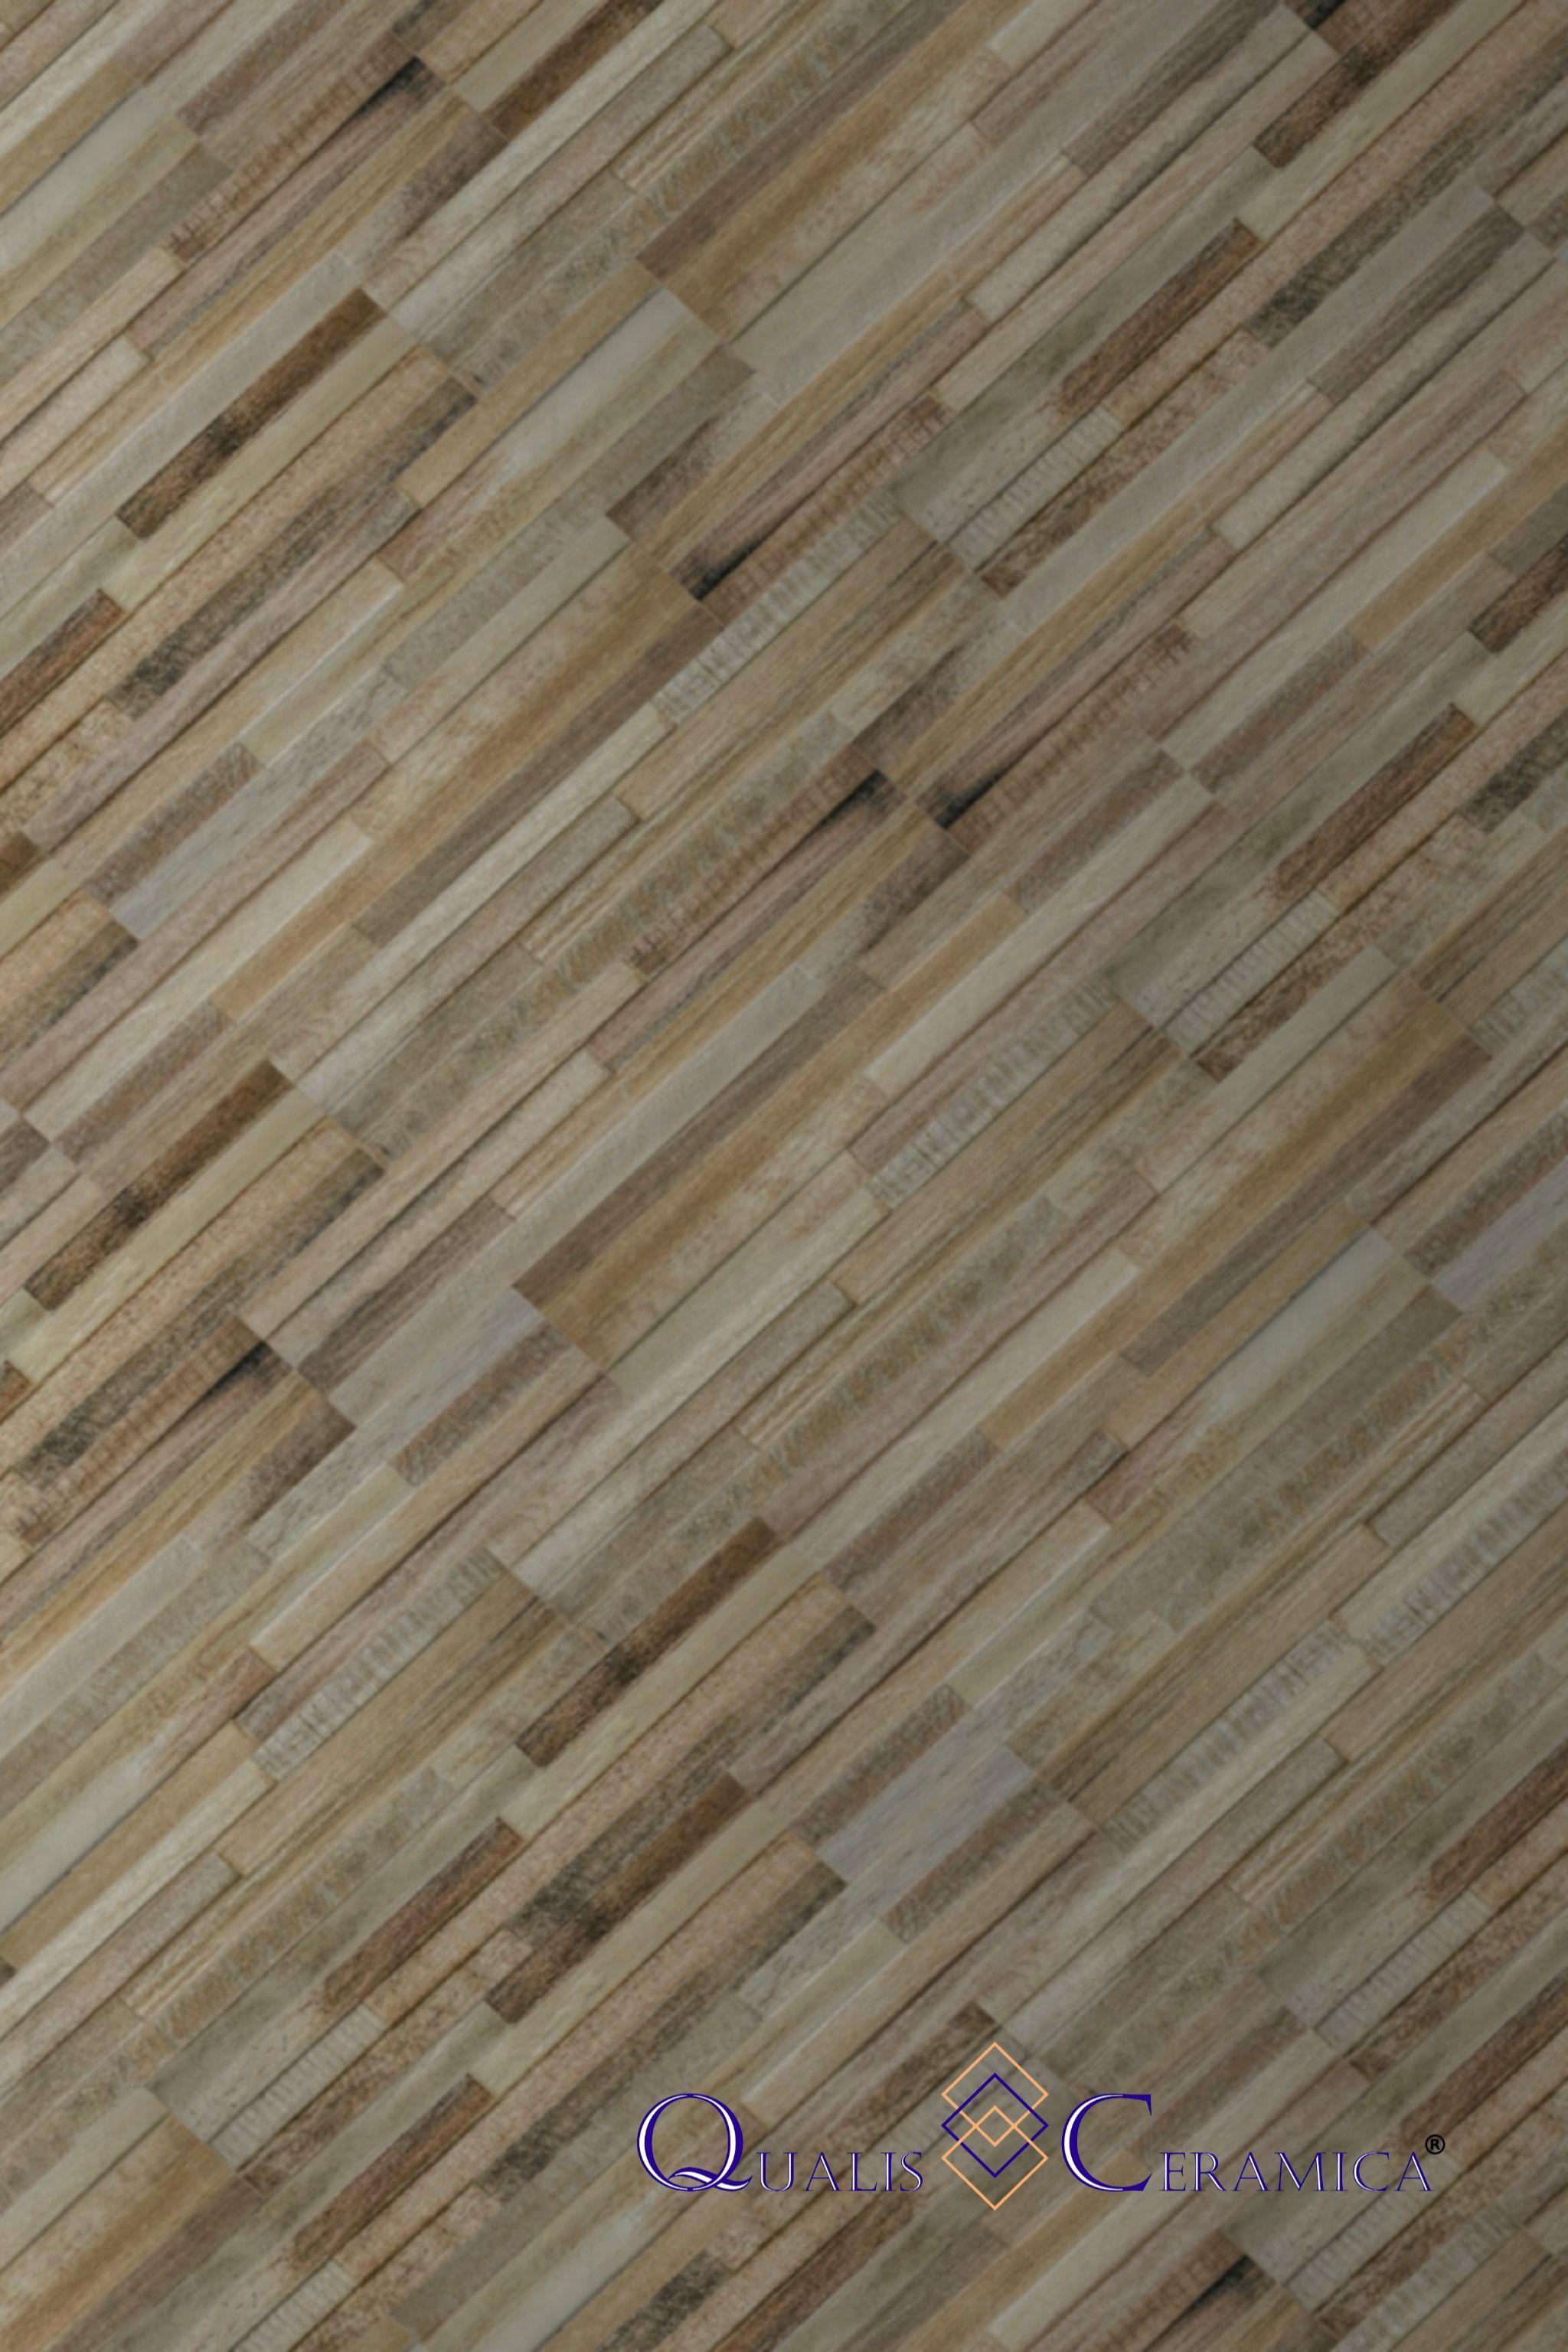 Qualis Ceramica Mozambique Nampula Beige - Wood Panel Look ...